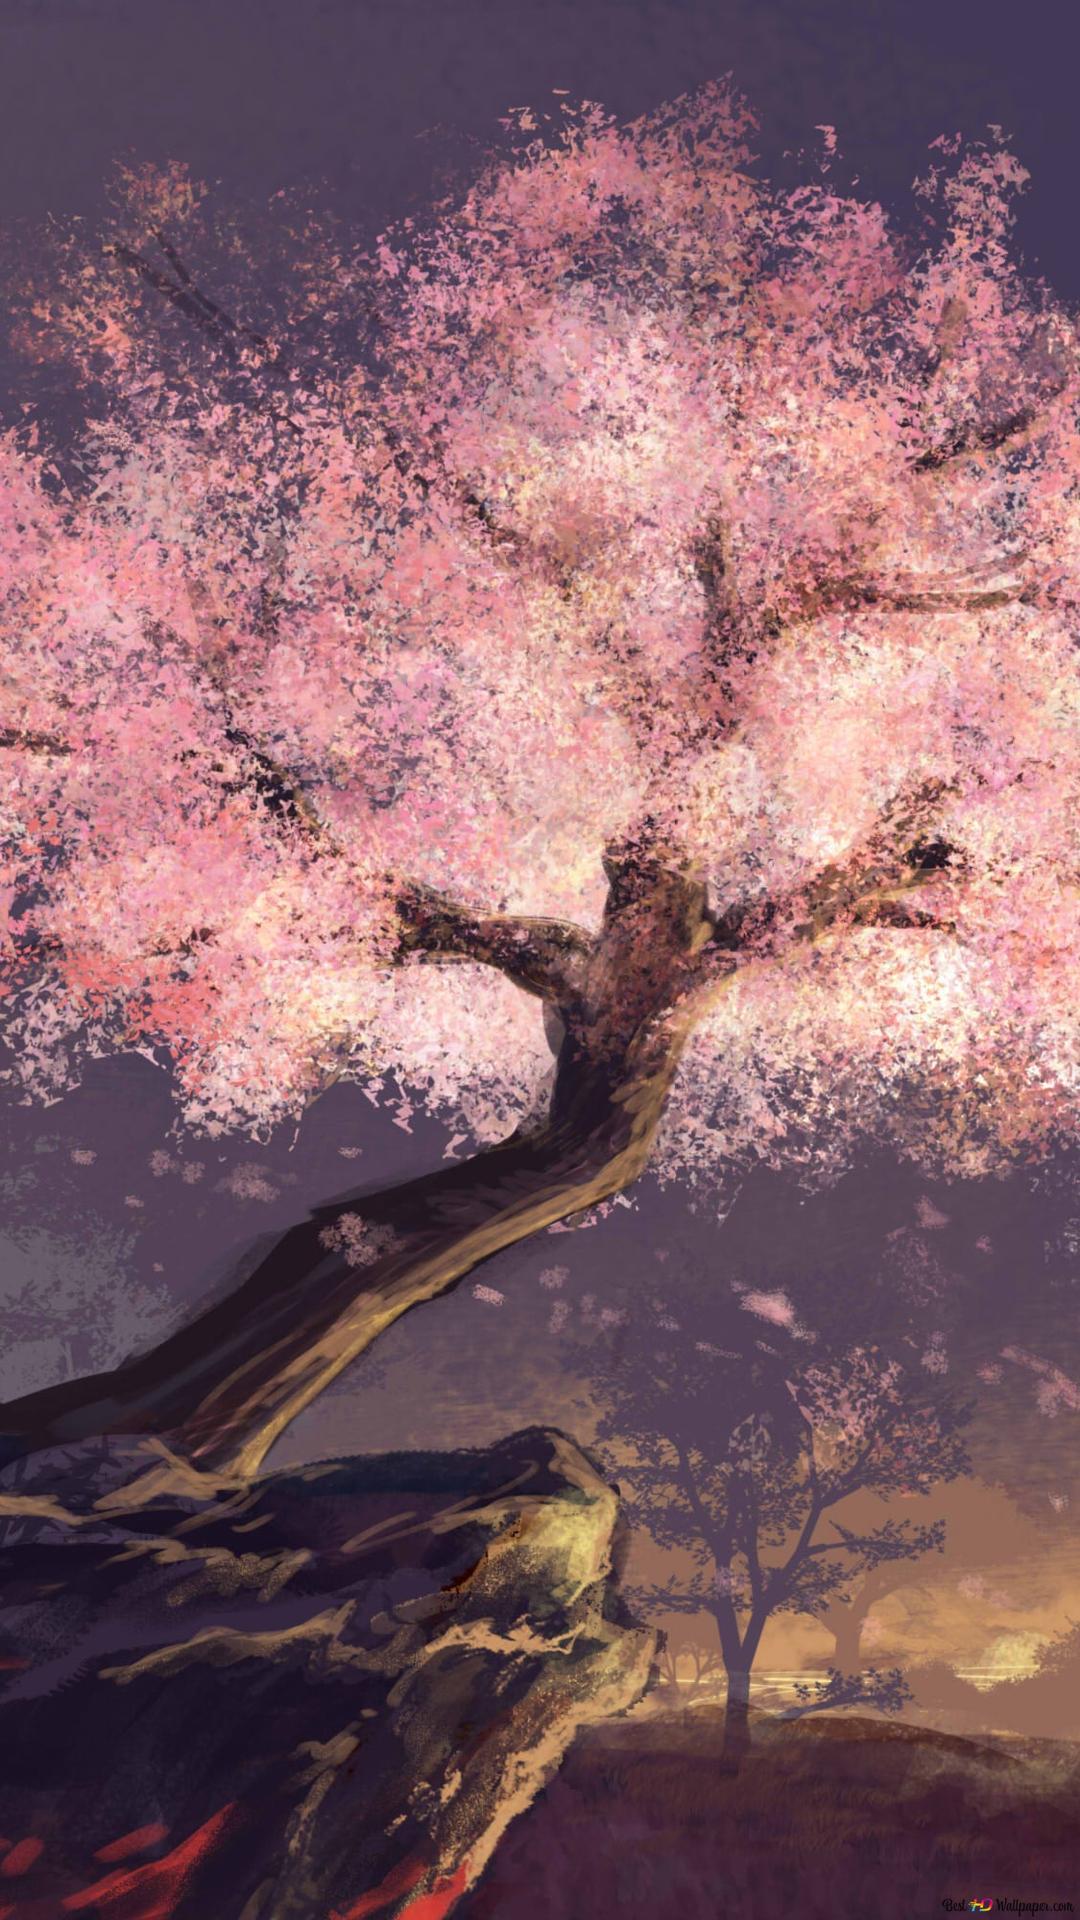 Anime Wallpaper Iphone Cherry Blossom Gambarku